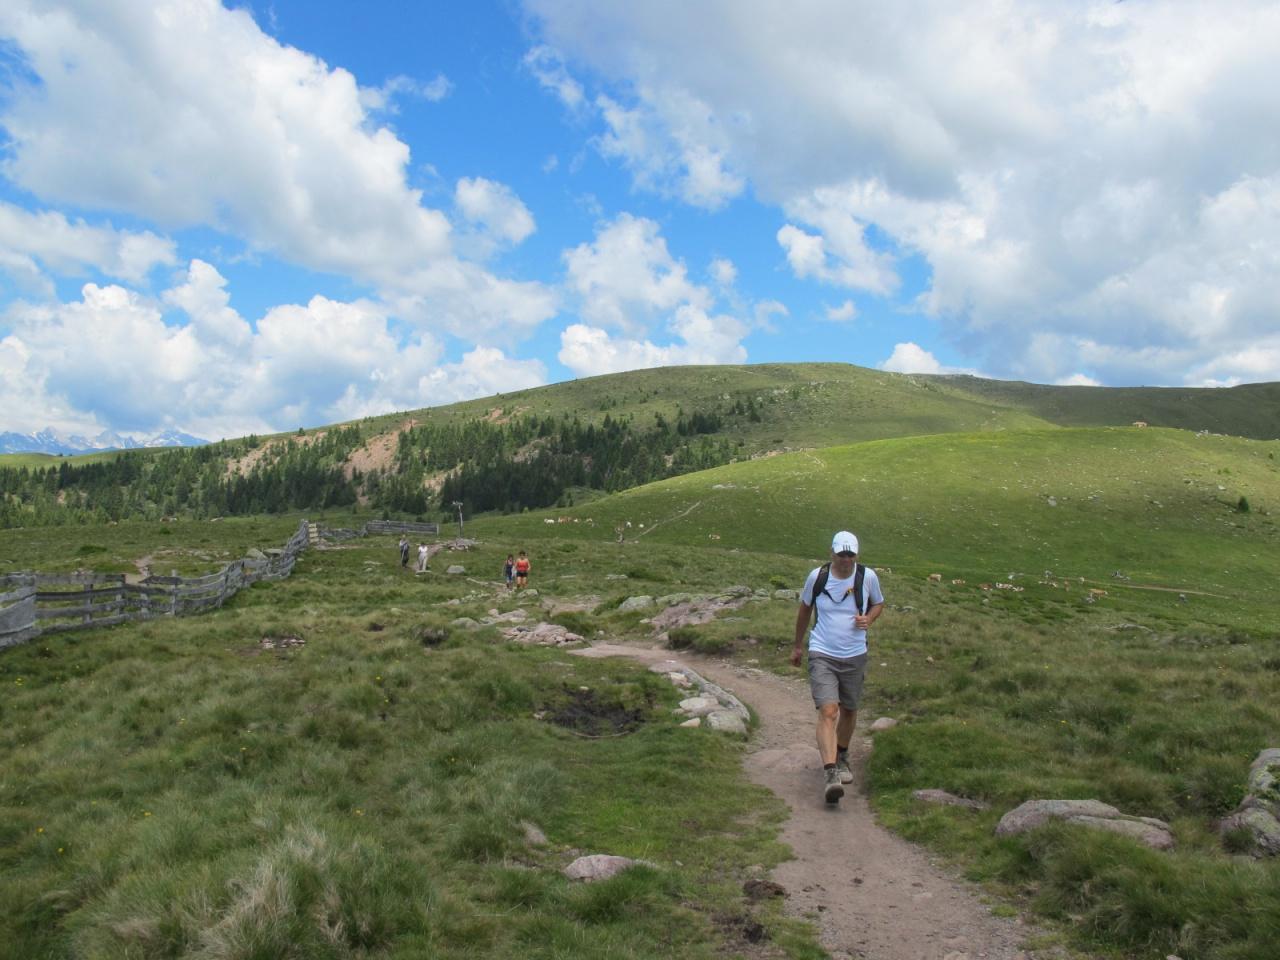 Wanderhotel: Geführte Wanderung mit Herrn Pichler zu den Stoanernen Mandeln